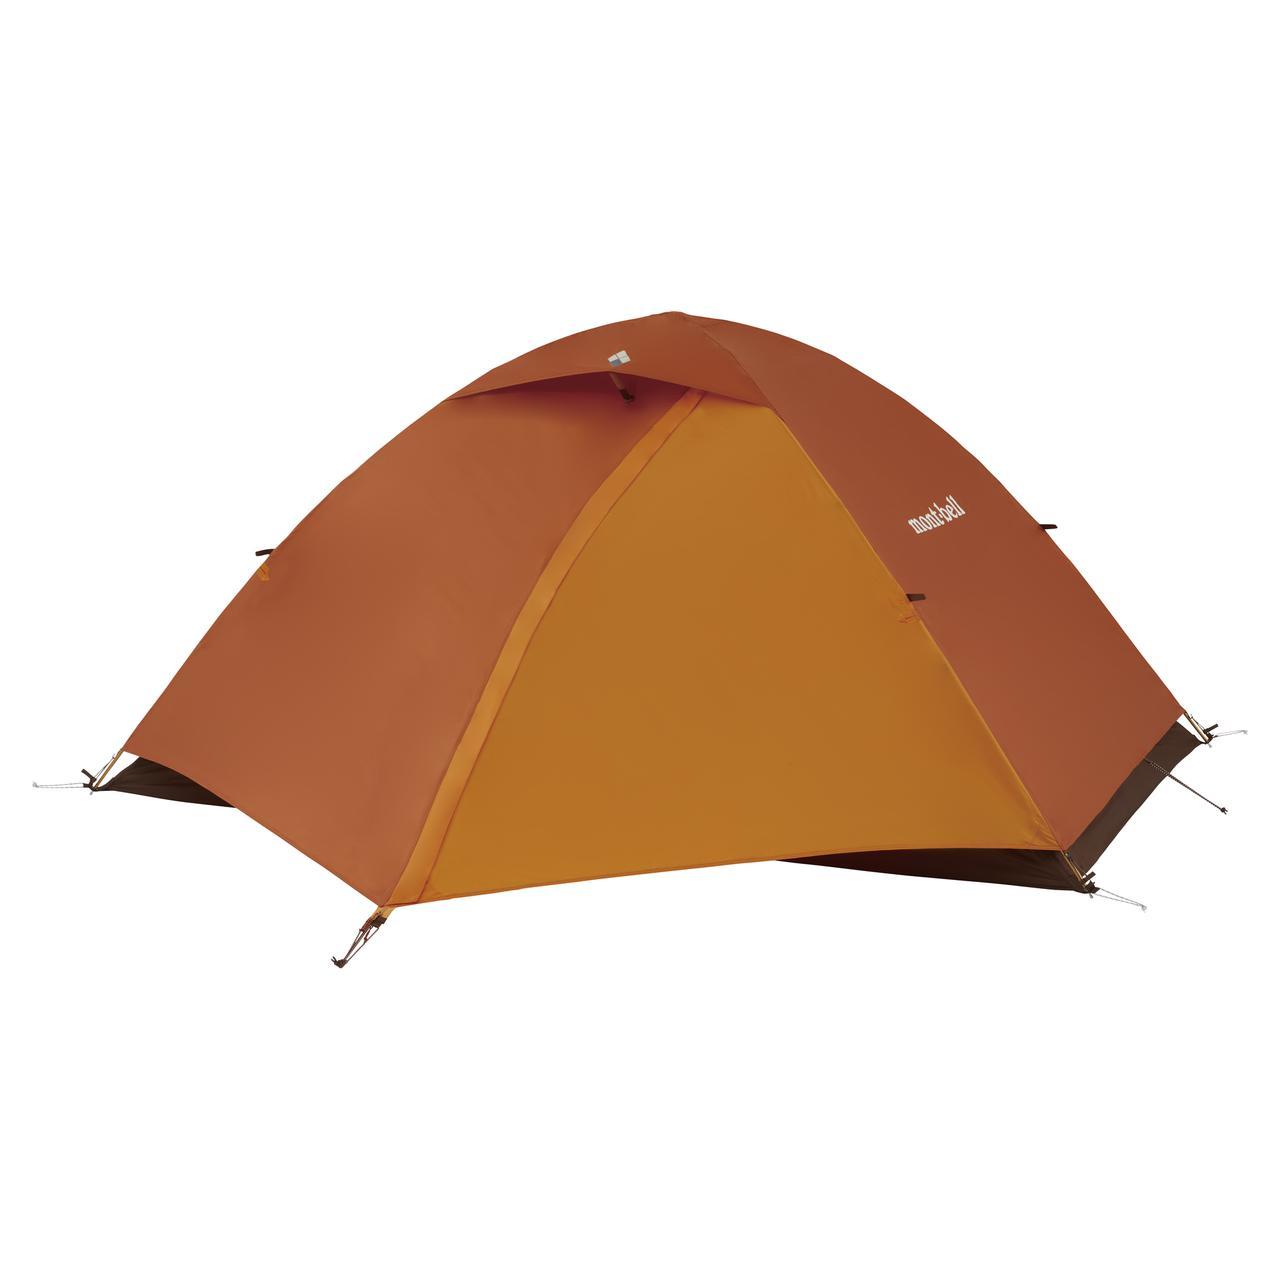 画像2: mont-bell(モンベル)が2021年秋冬アイテムを発表!キャンプや秋冬のアウトドアアイテム最新ラインナップに注目